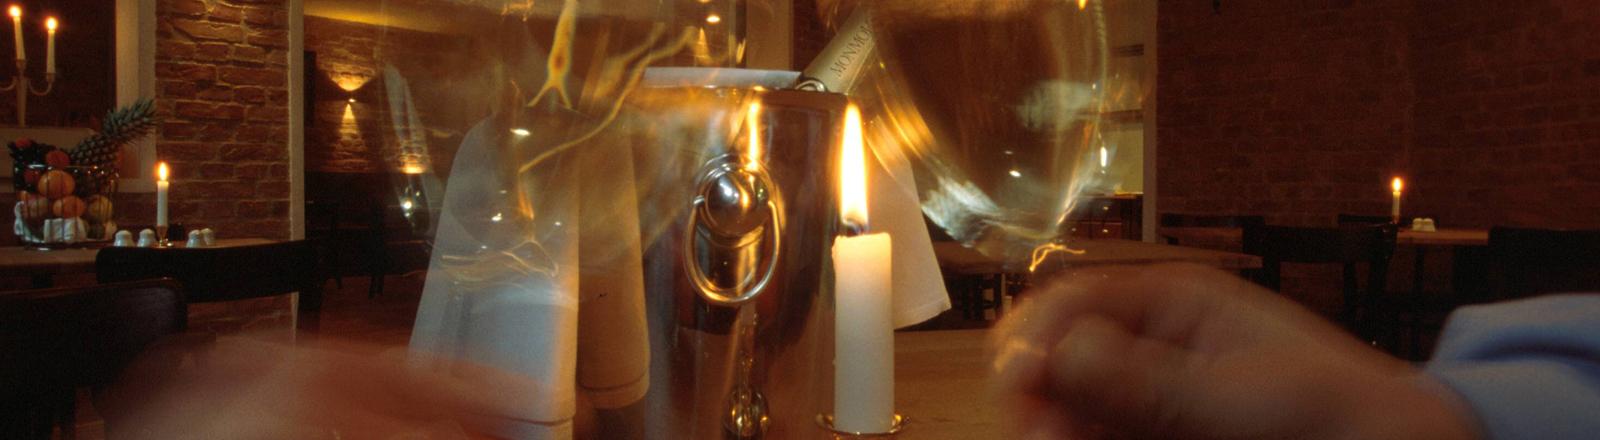 Ein Paar in einem Restaurant bei Kerzenlicht. Romantik. Stoßen an. Sie haben was zu feiern.